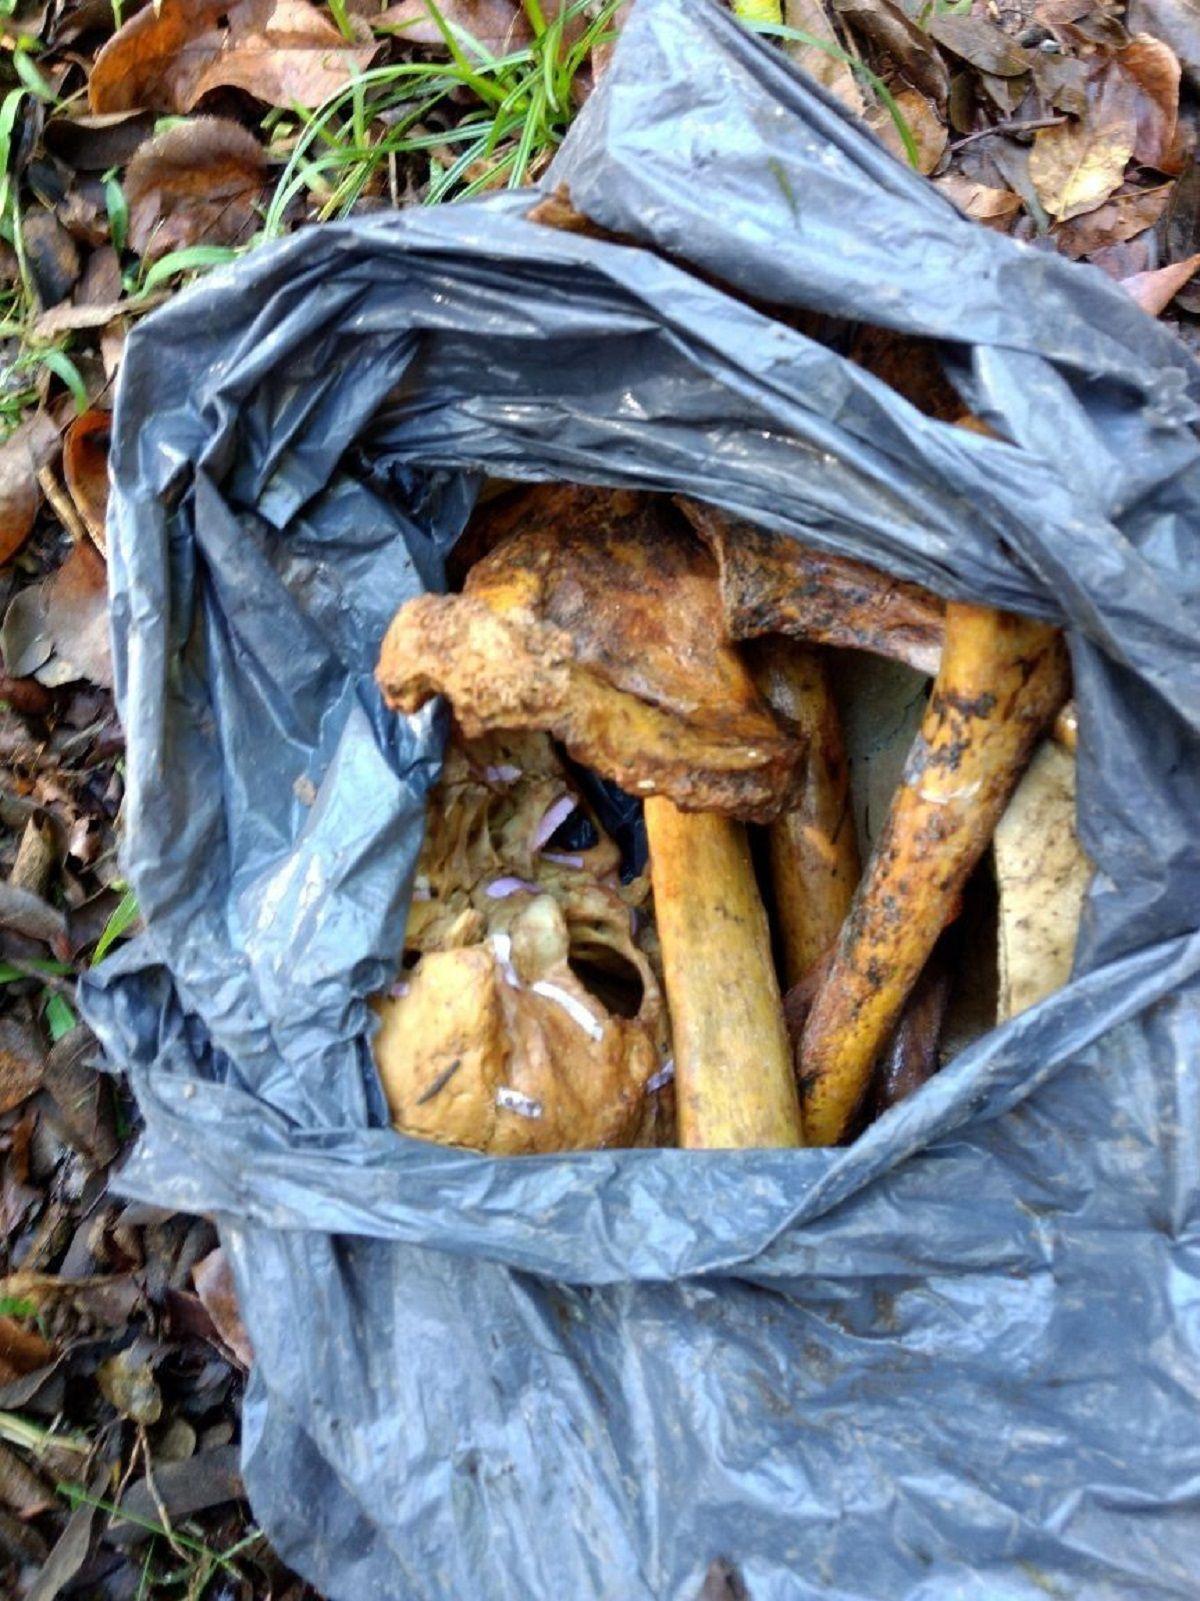 Encontraron huesos humanos en una bolsa de basura en City Bell